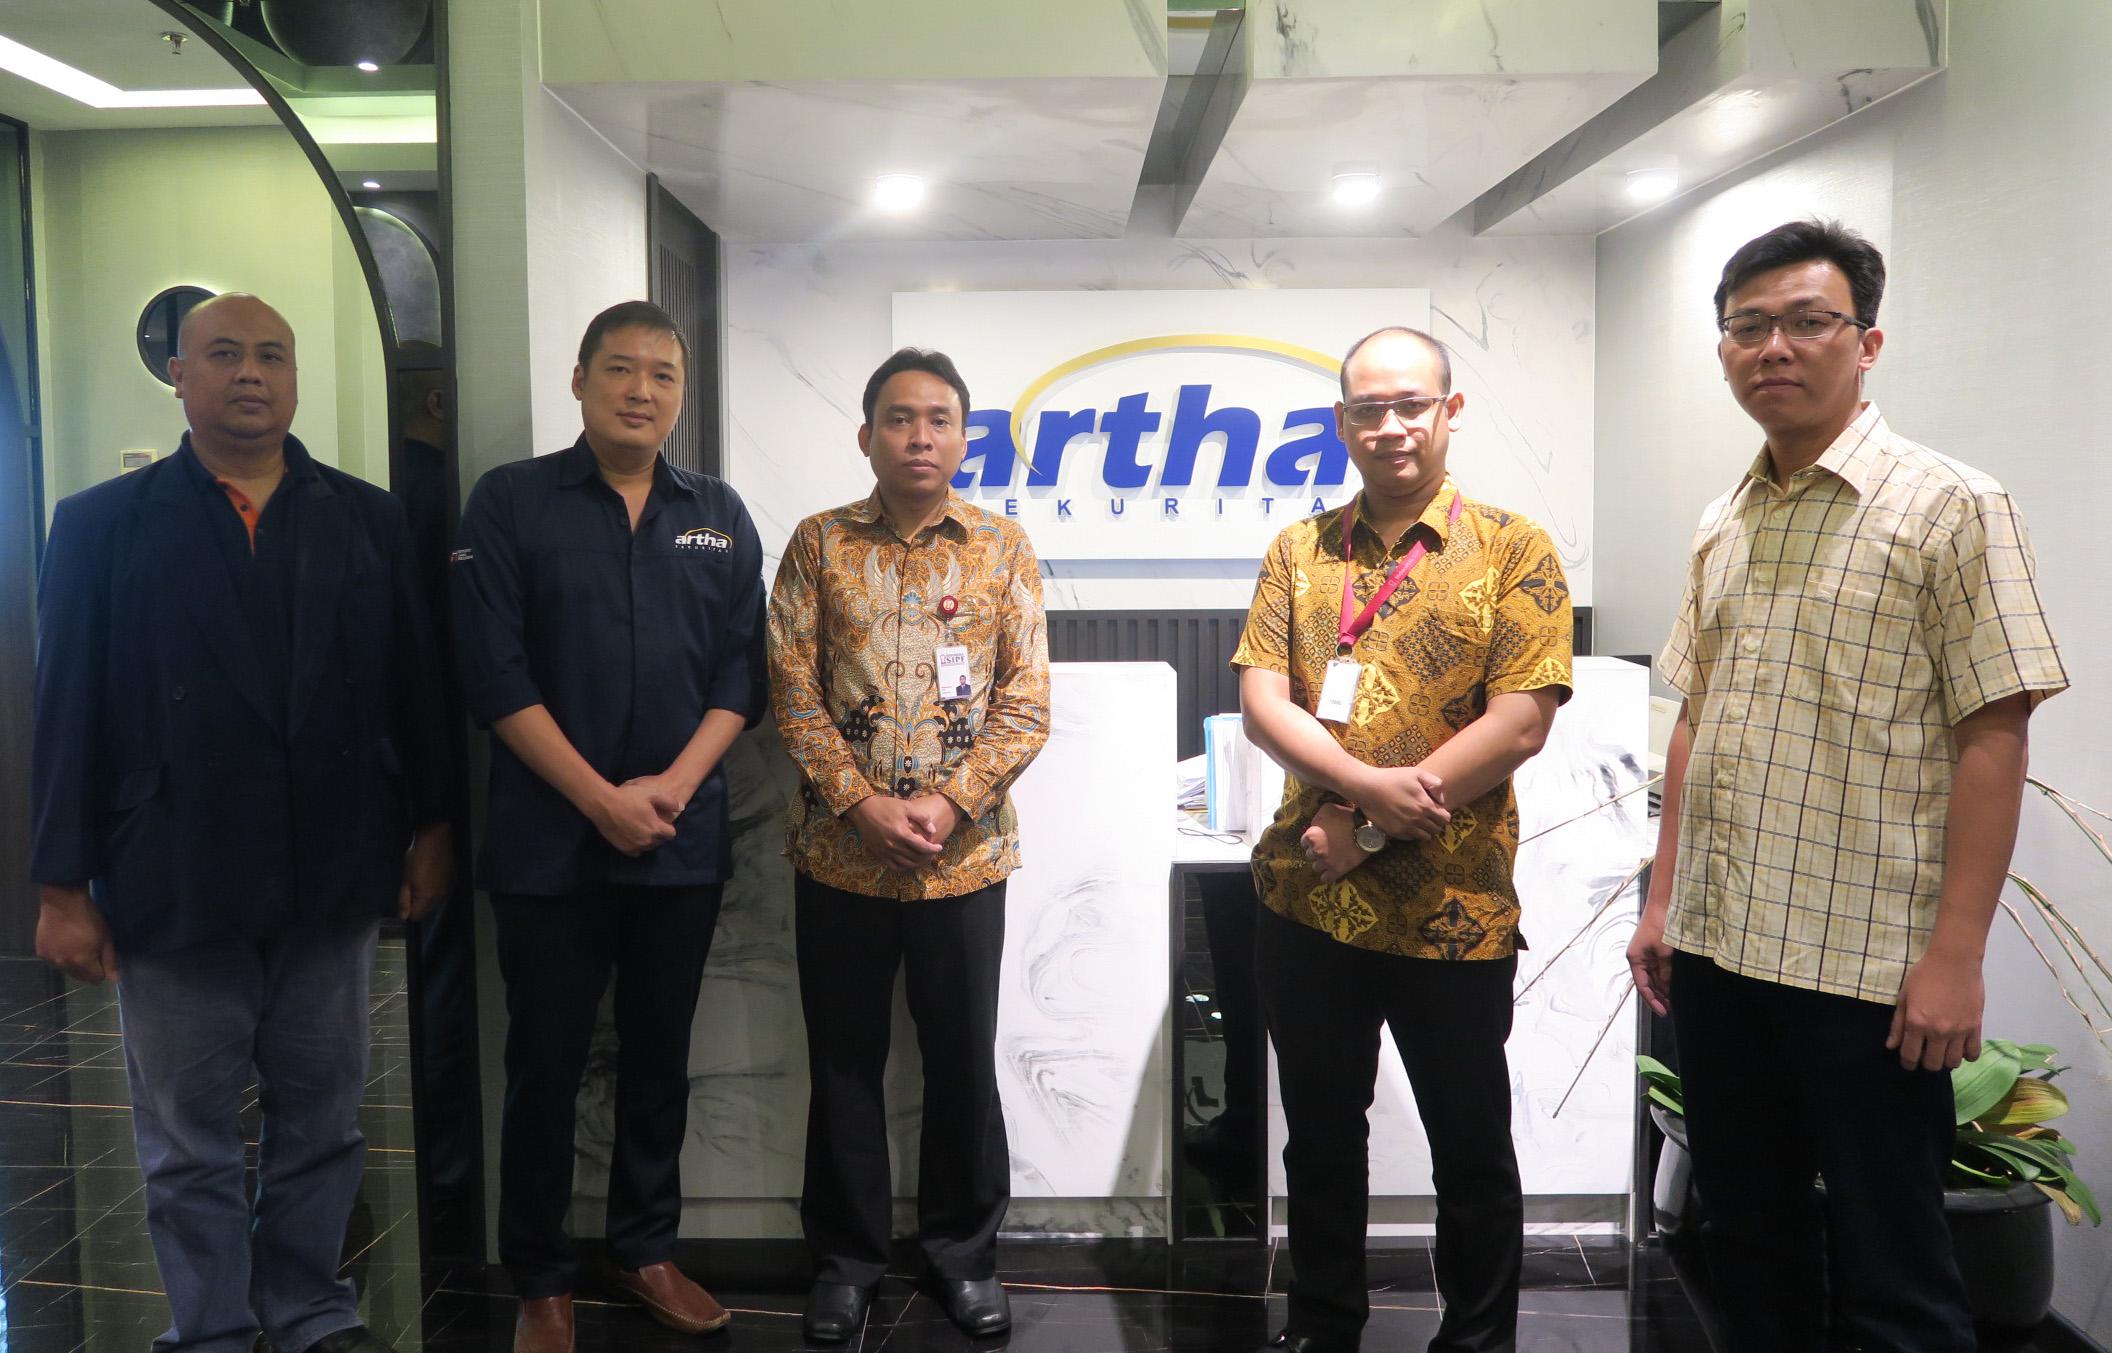 Kunjungan ke Artha Sekuritas Indonesia dalam Rangka Sosialisasi Dana Perlindungan Pemodal